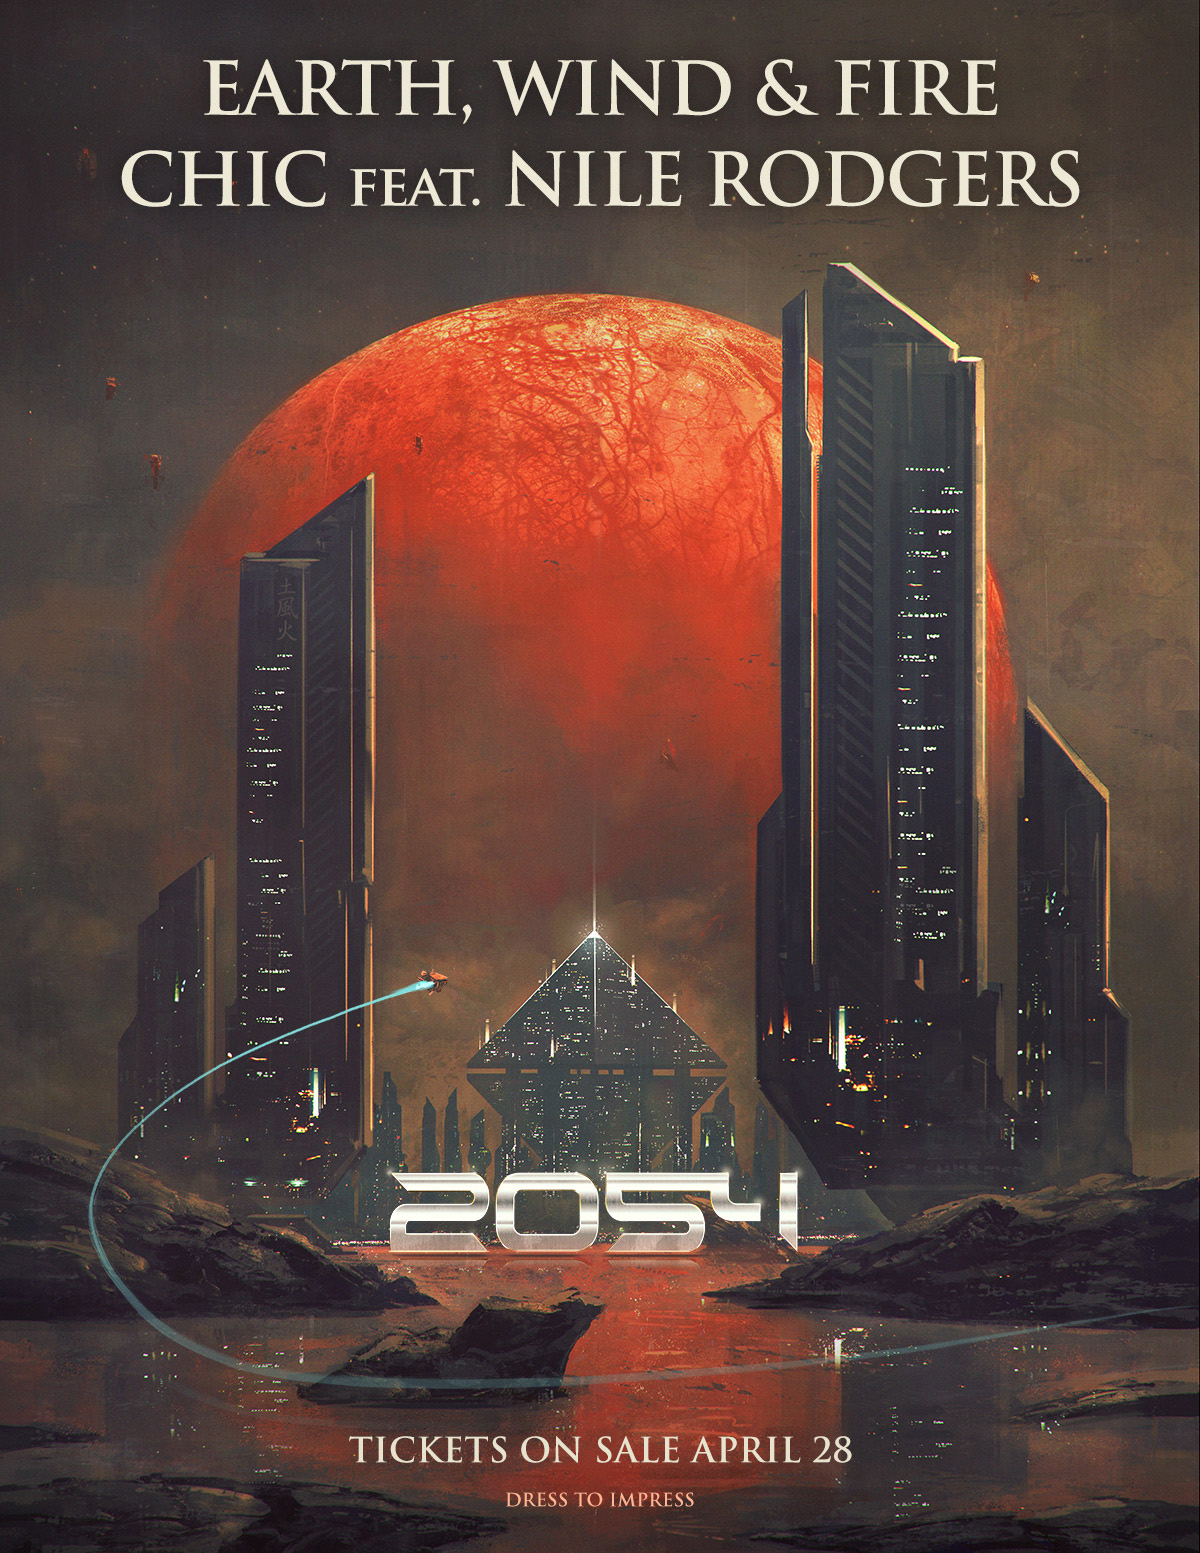 2054 – The Tour